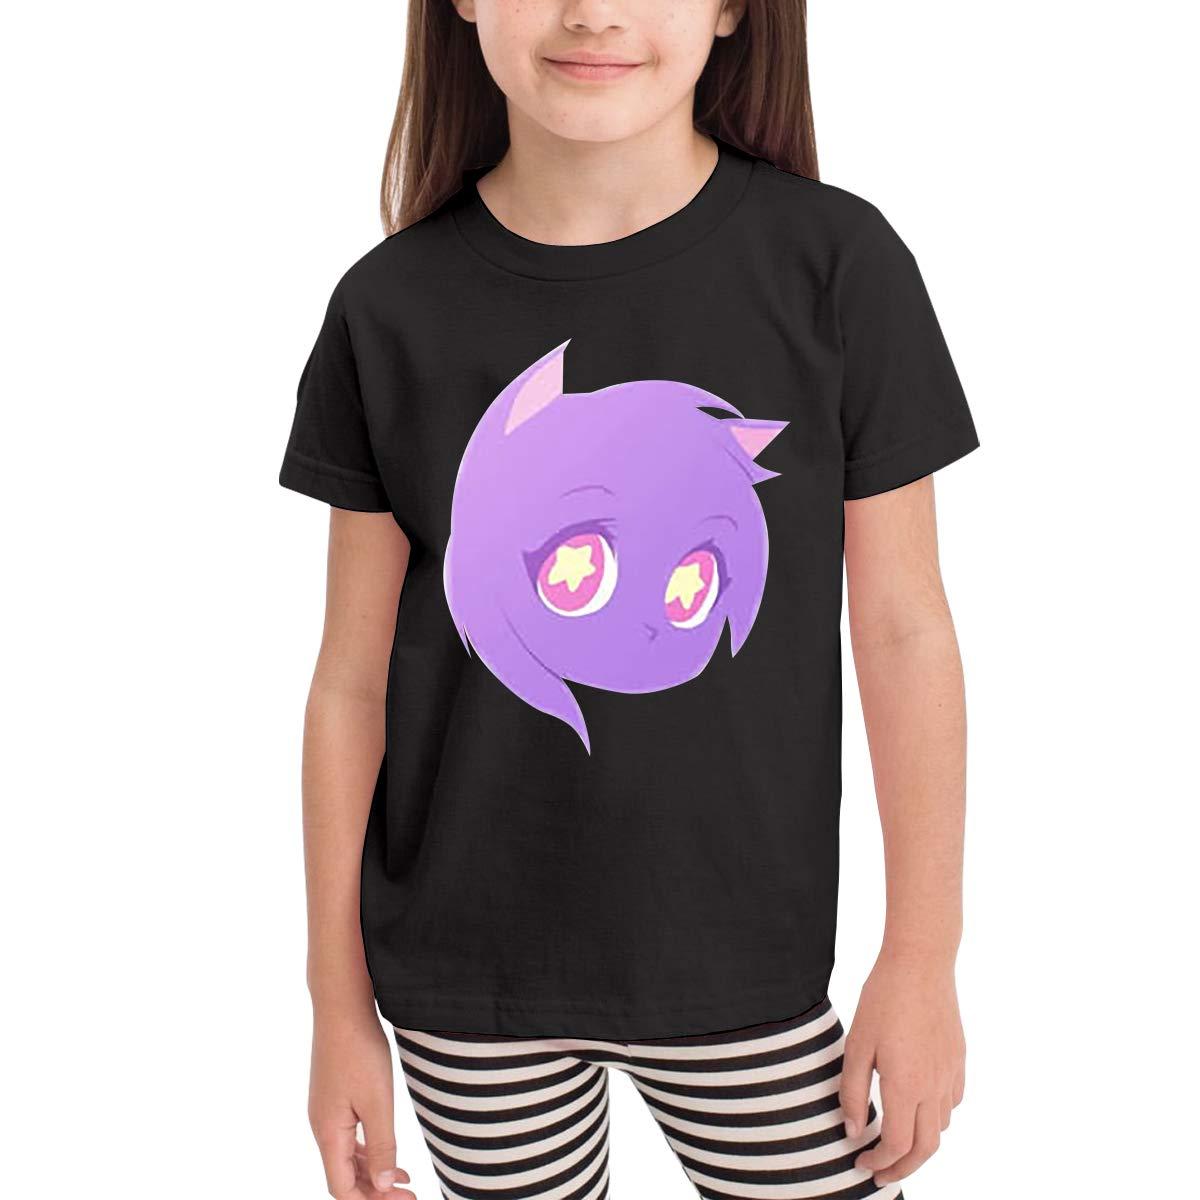 Aphmau girl/'s Crew Neck Tee shirt